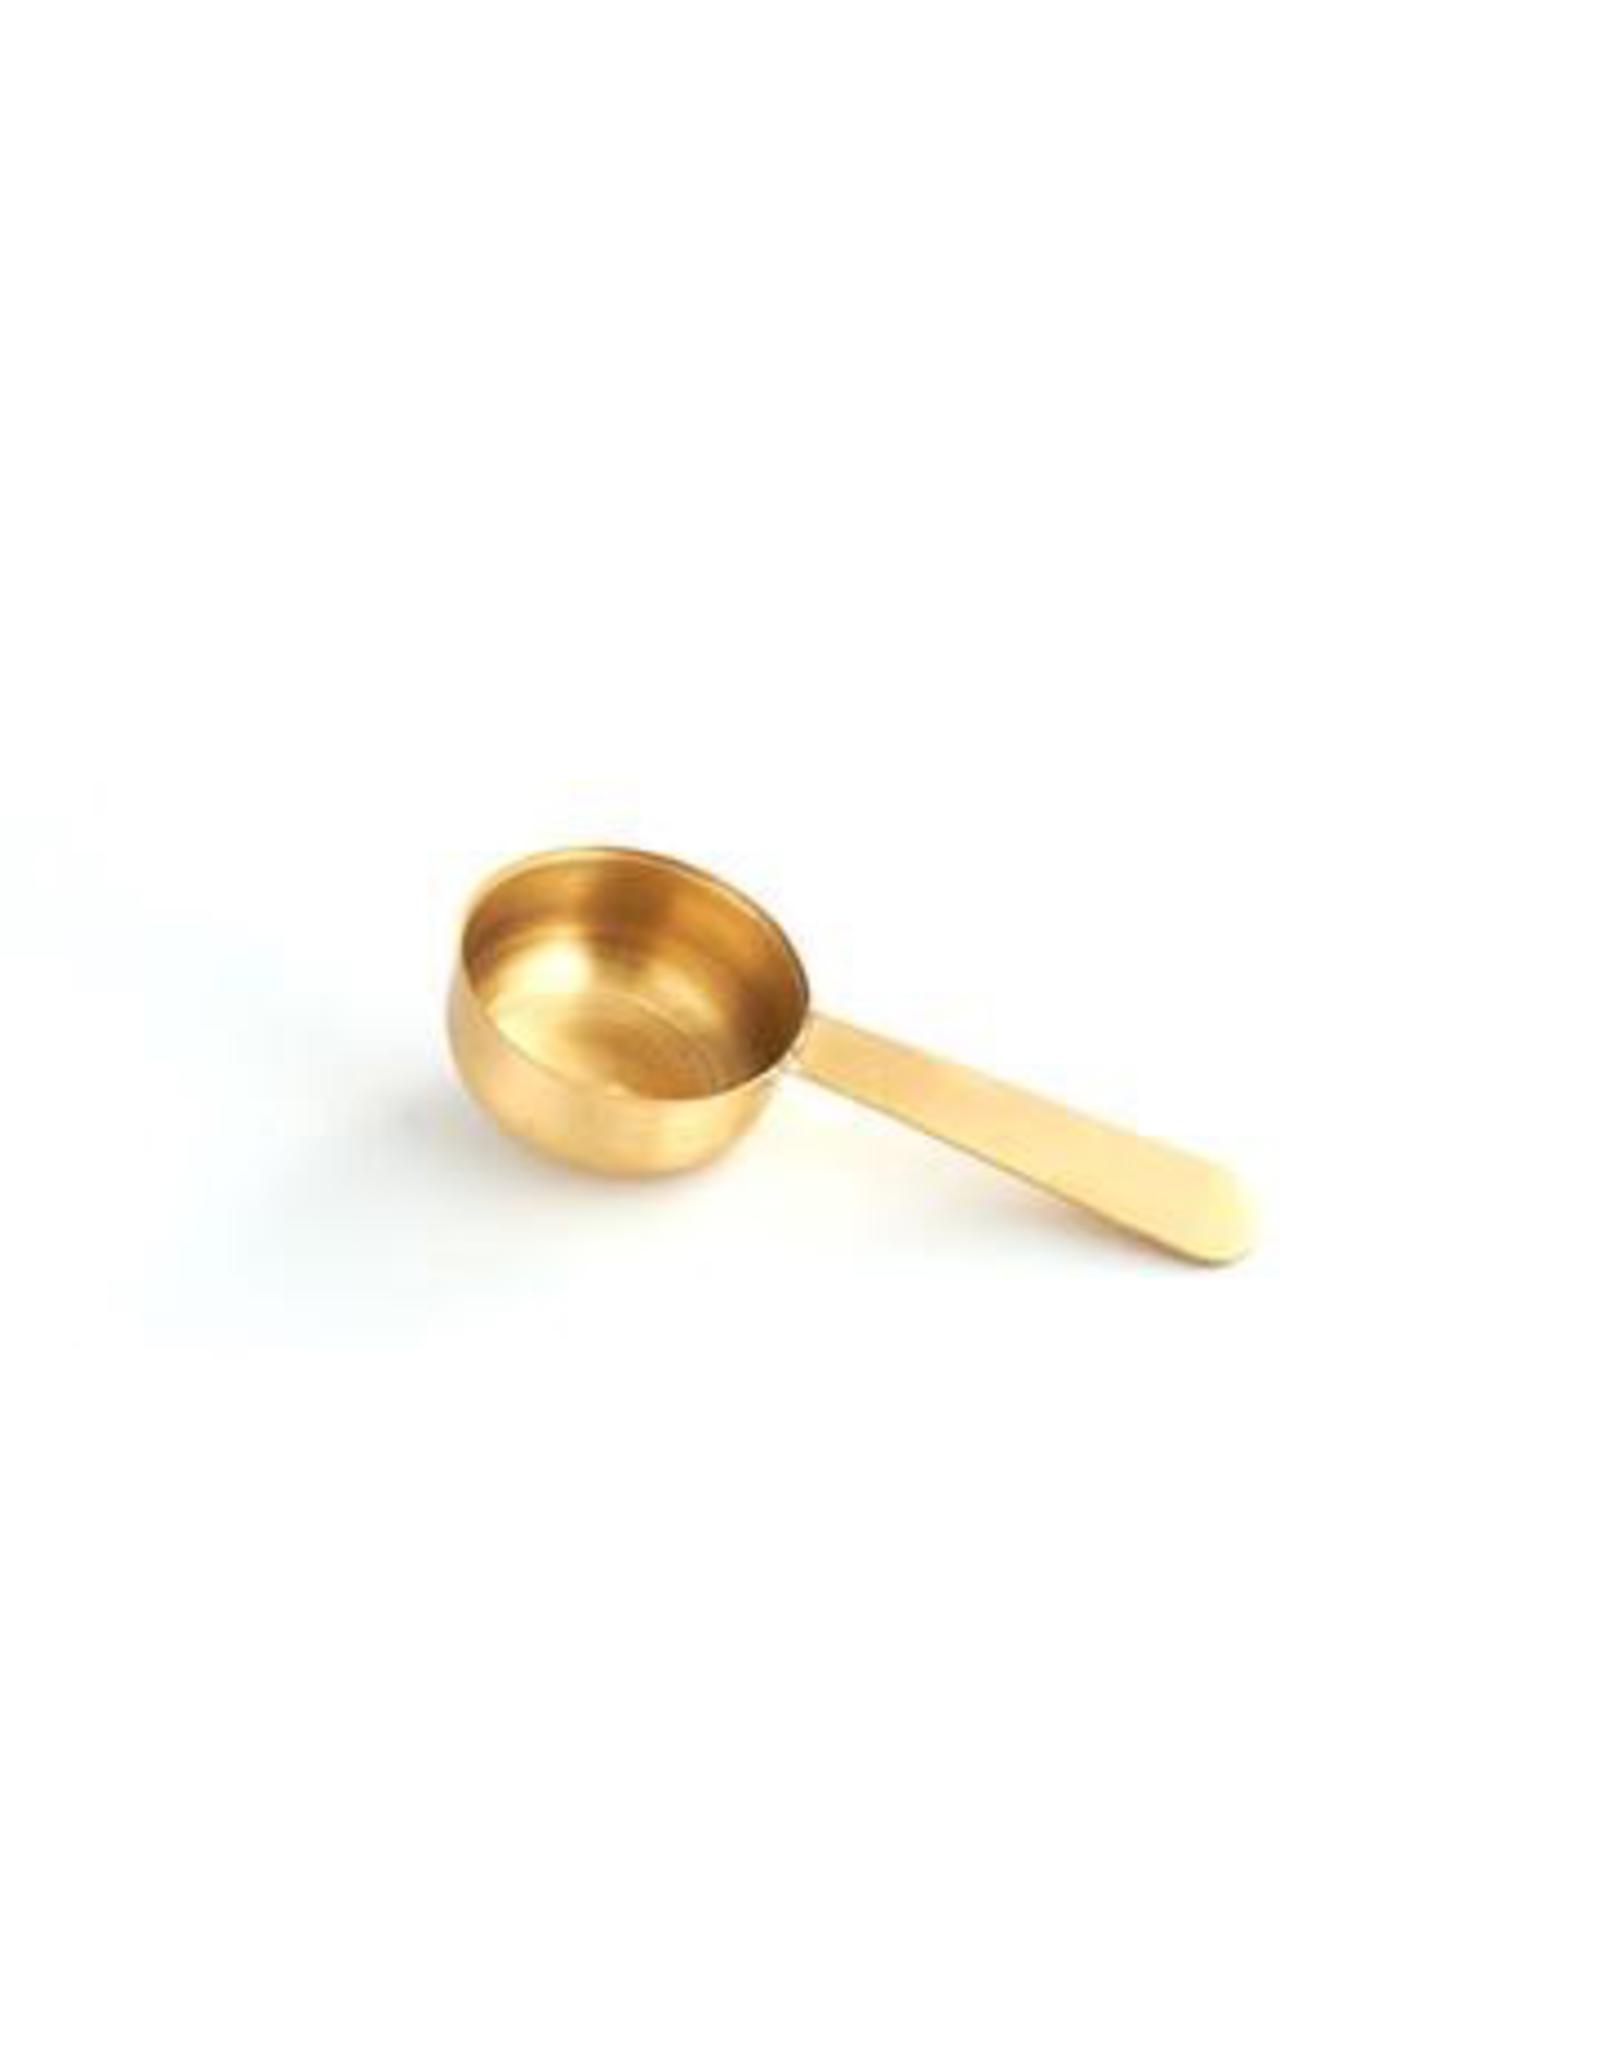 Spoon, Brass Coffee Measure